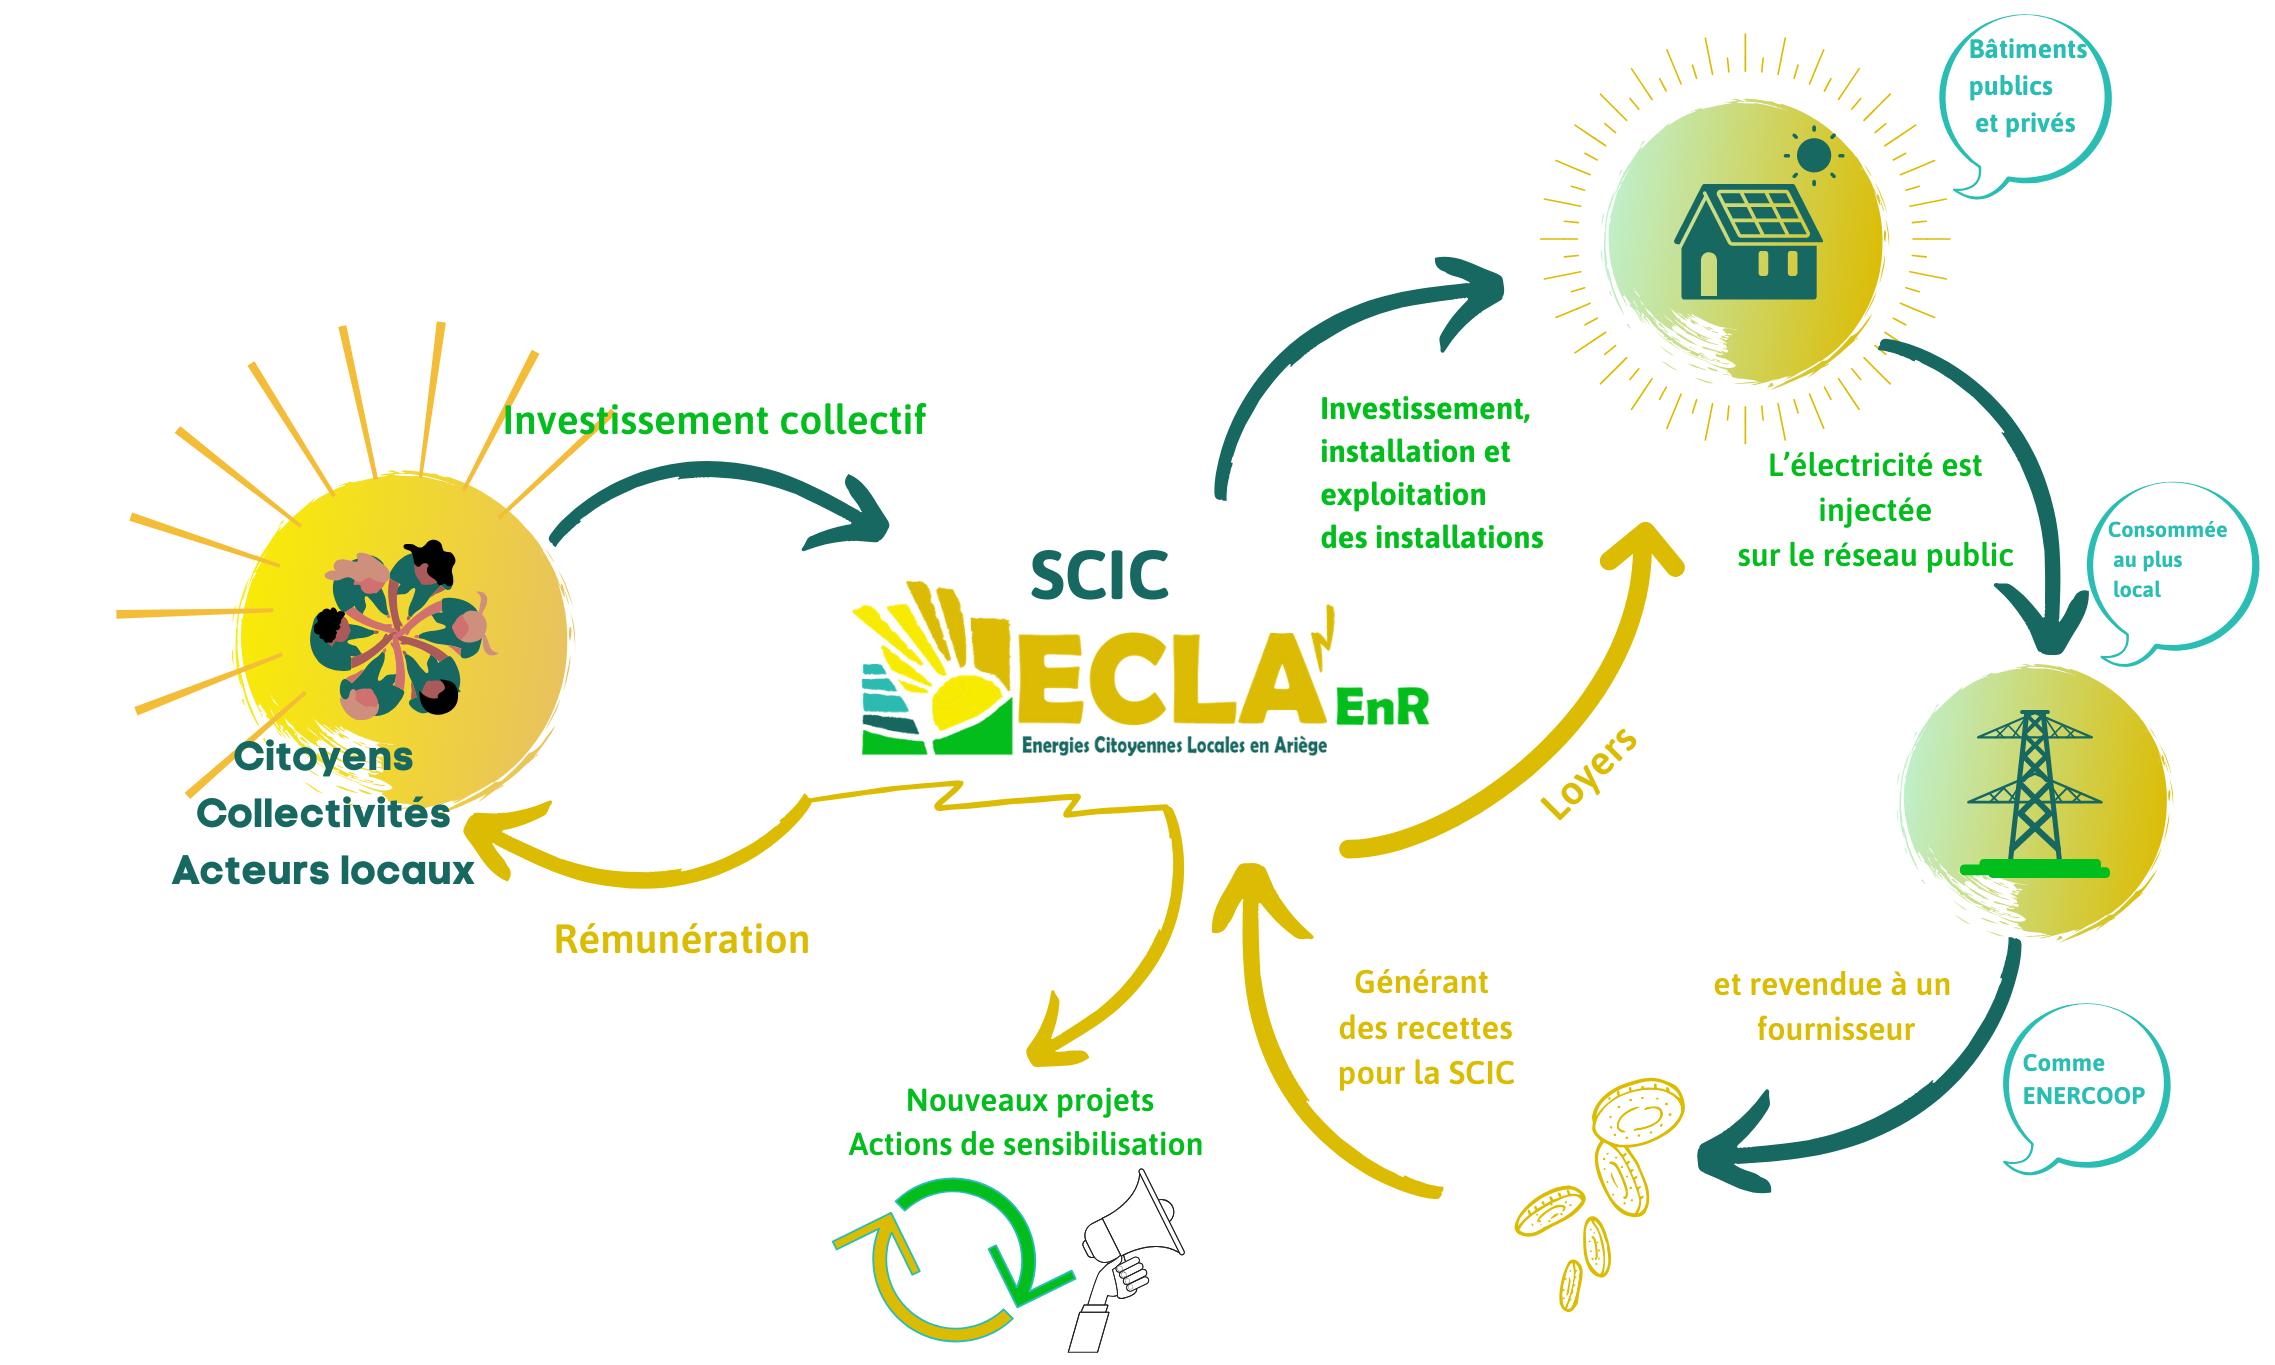 Schéma de fonctionnement du projet ECLA' EnR